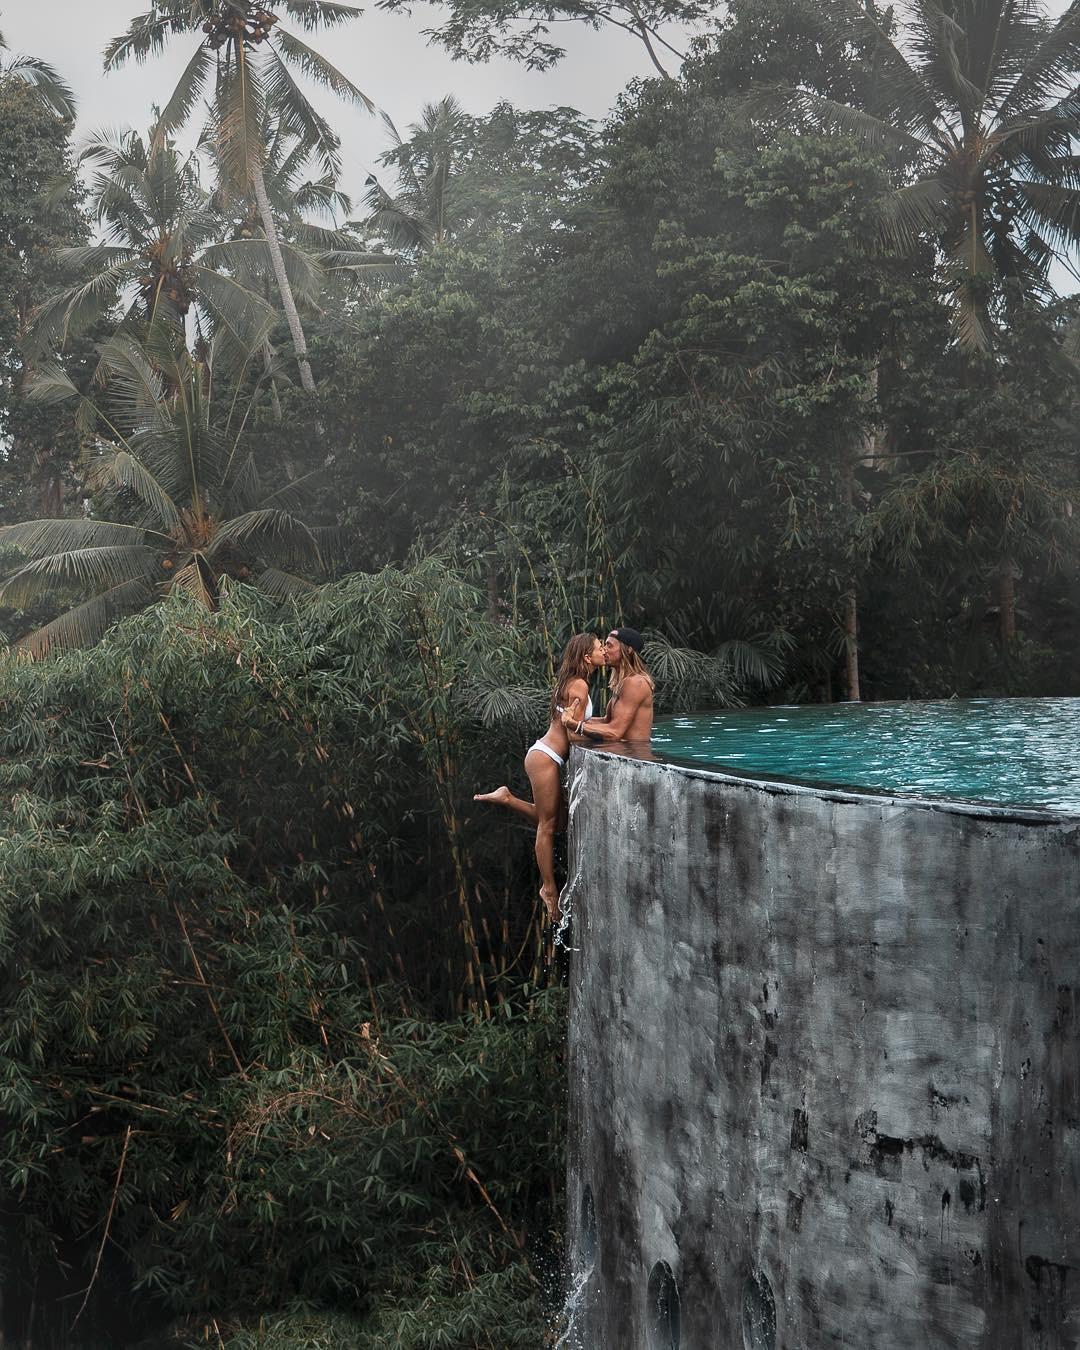 Tạo dáng nguy hiểm khi chụp ảnh du lịch, nhiều cặp đôi travel blogger nổi tiếng bị dân mạng ném đá kịch liệt - Ảnh 8.